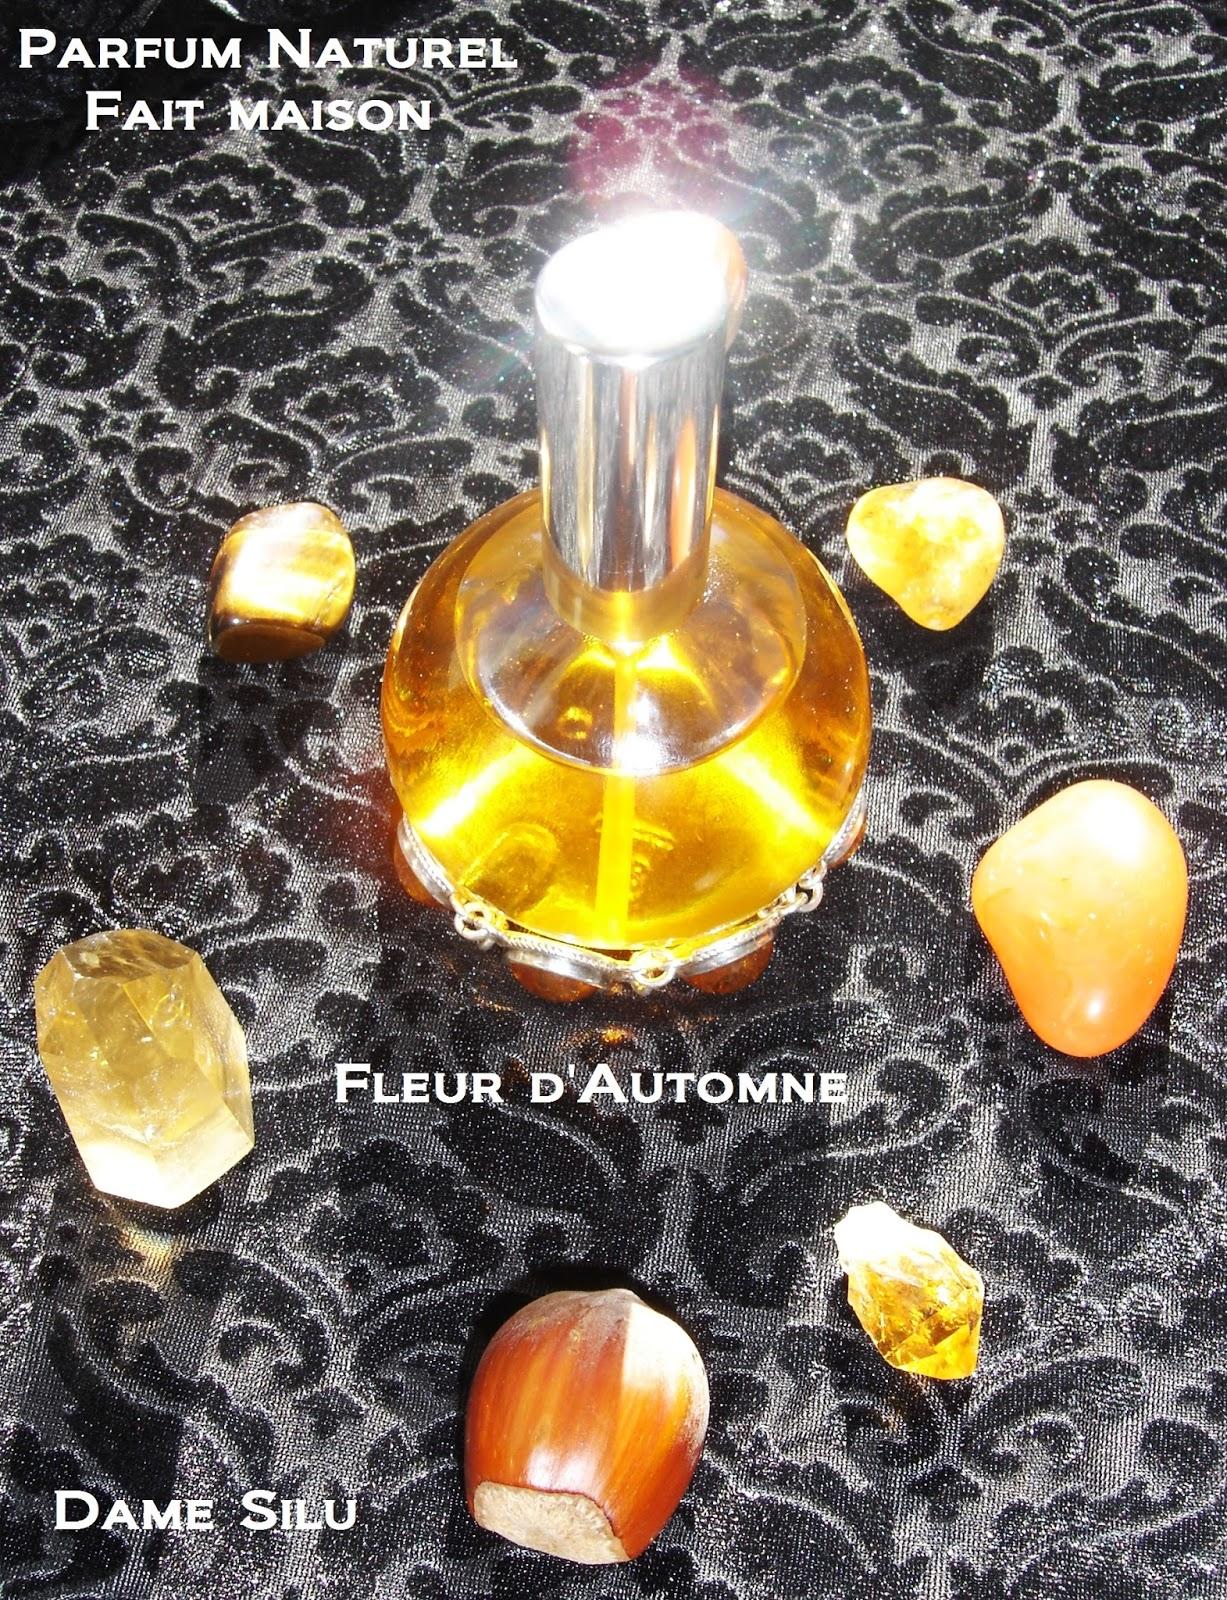 dame silu l 39 elfe noire parfum naturel fait maison fleur. Black Bedroom Furniture Sets. Home Design Ideas